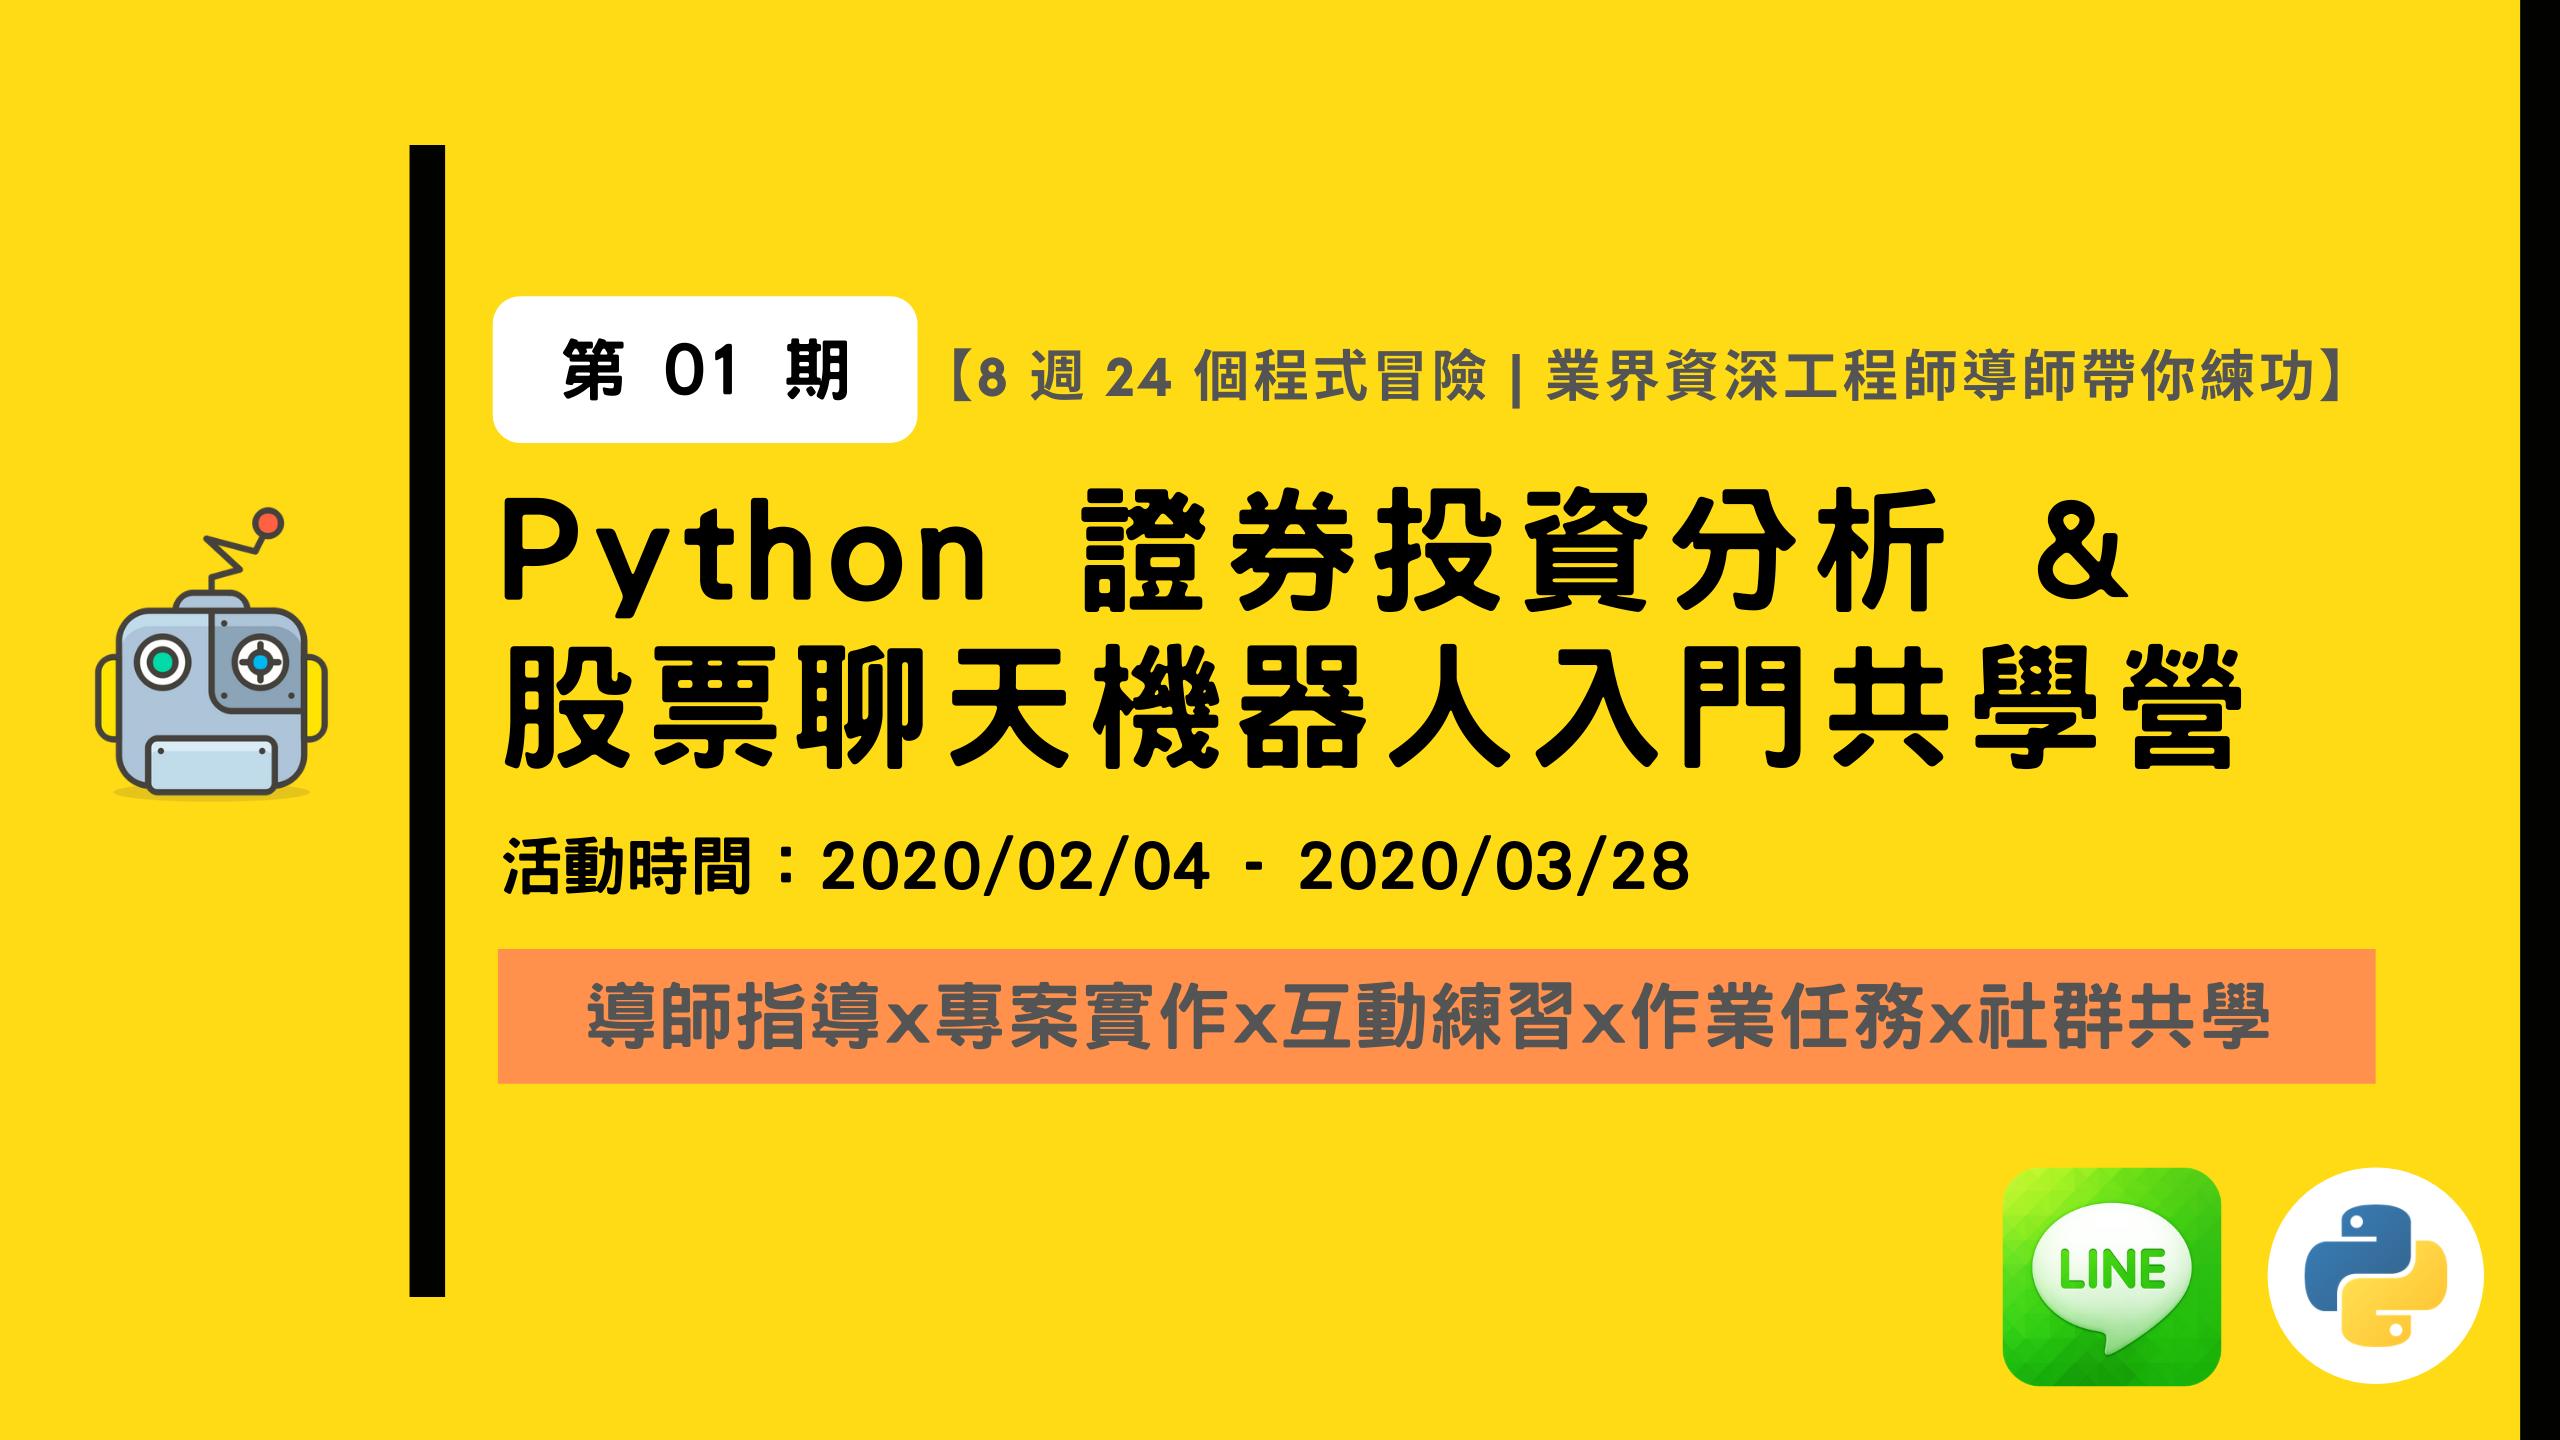 第 01 期 Python 證券投資分析 & 股票聊天機器人入門共學營【業界資深工程師與證券投資分析師(CSIA)導師聯手帶你入門】早鳥優惠中!